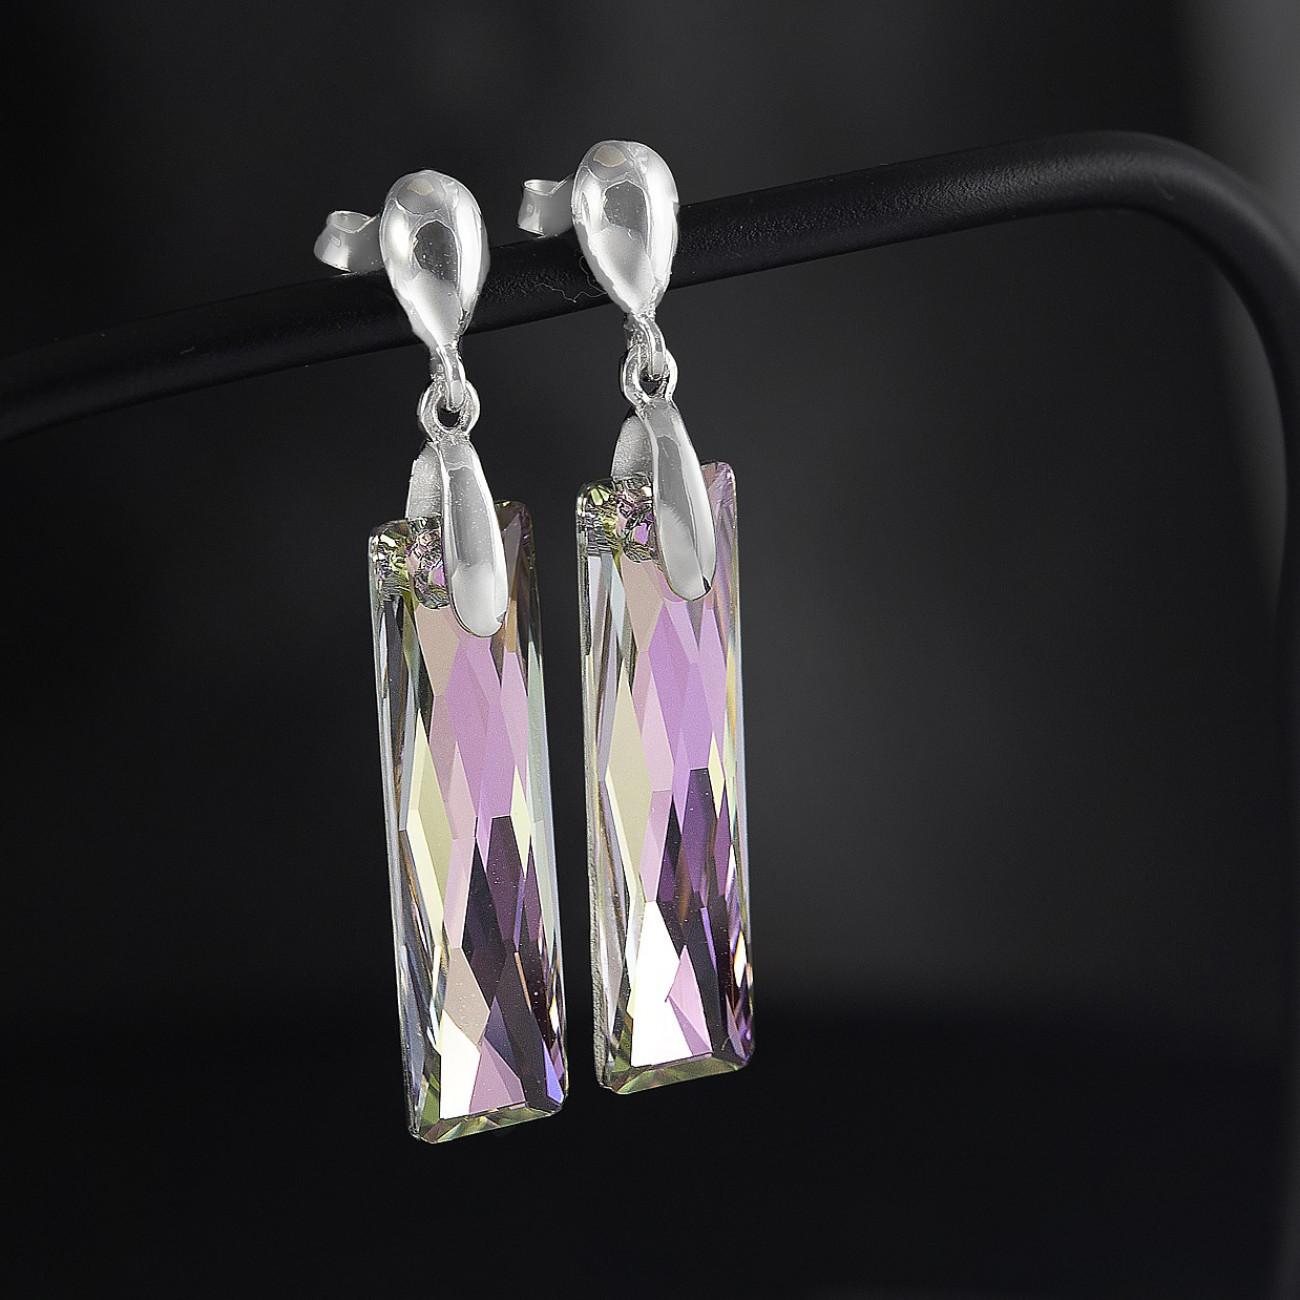 Stříbrné náušnice visací s pravým krystalem Swarovski vitrail light